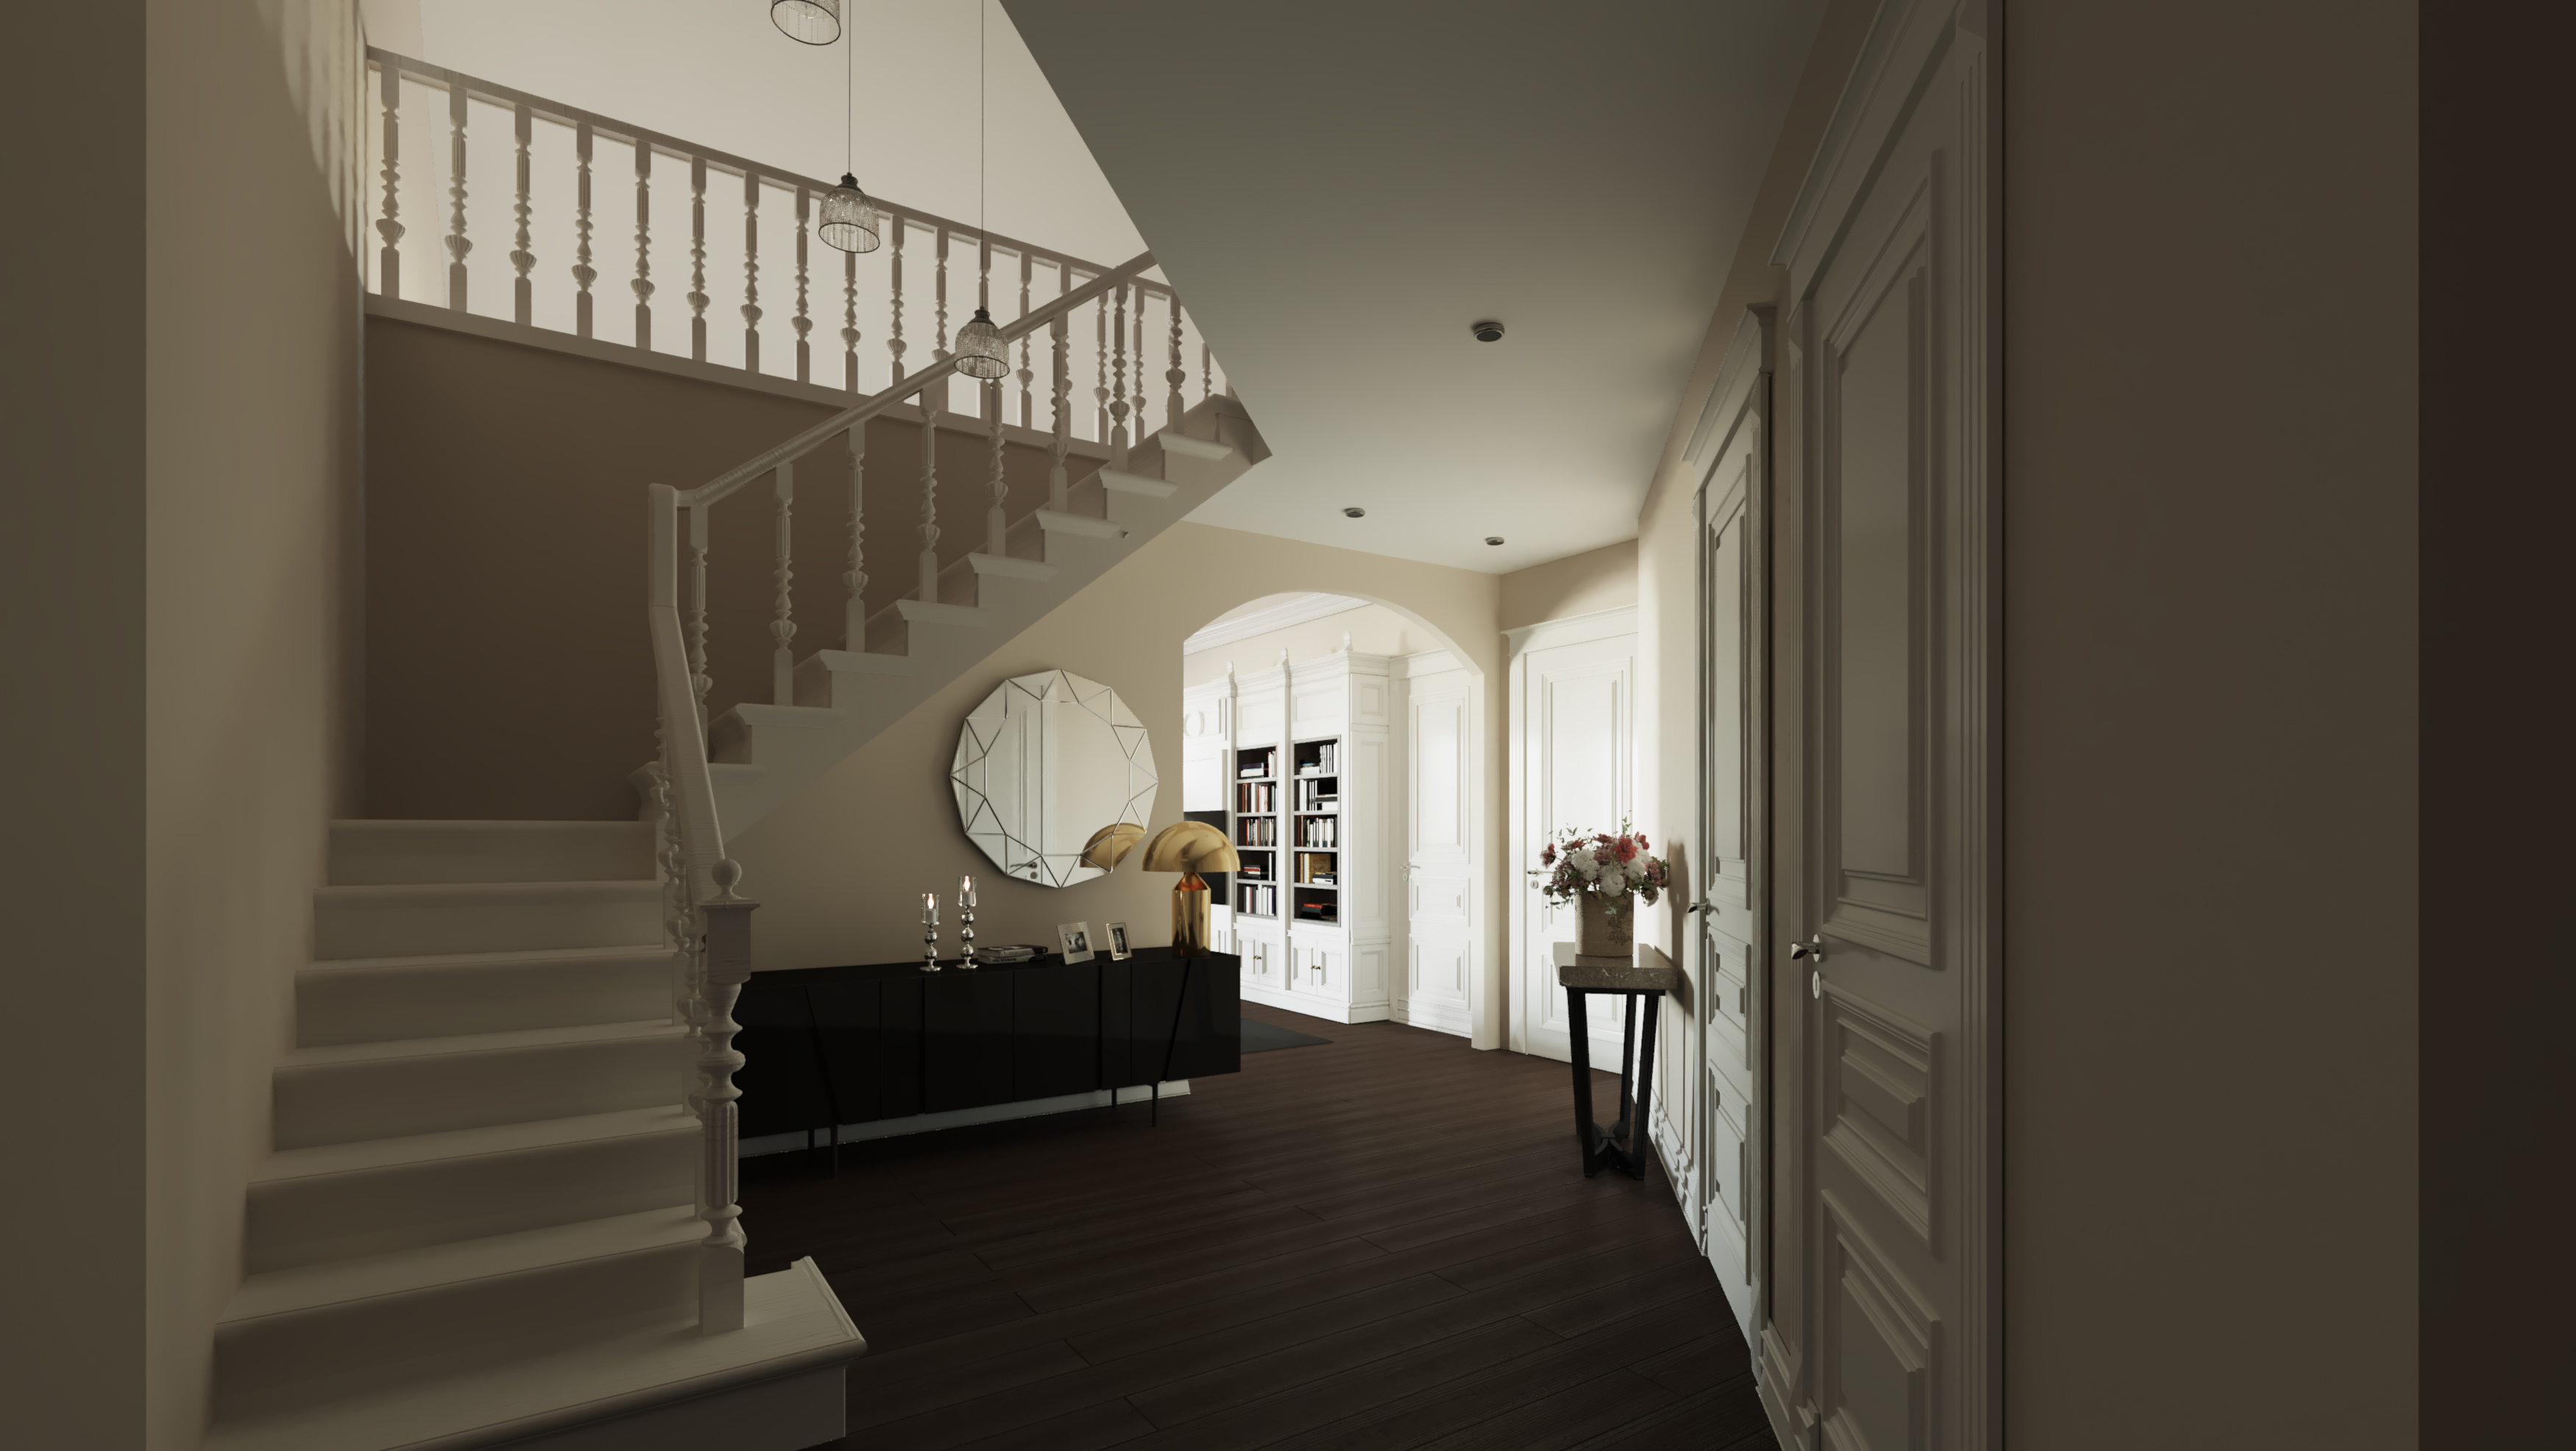 Wizualizacja wnętrz 3d - mieszkanie, klatka schodowa bez okna dachowego